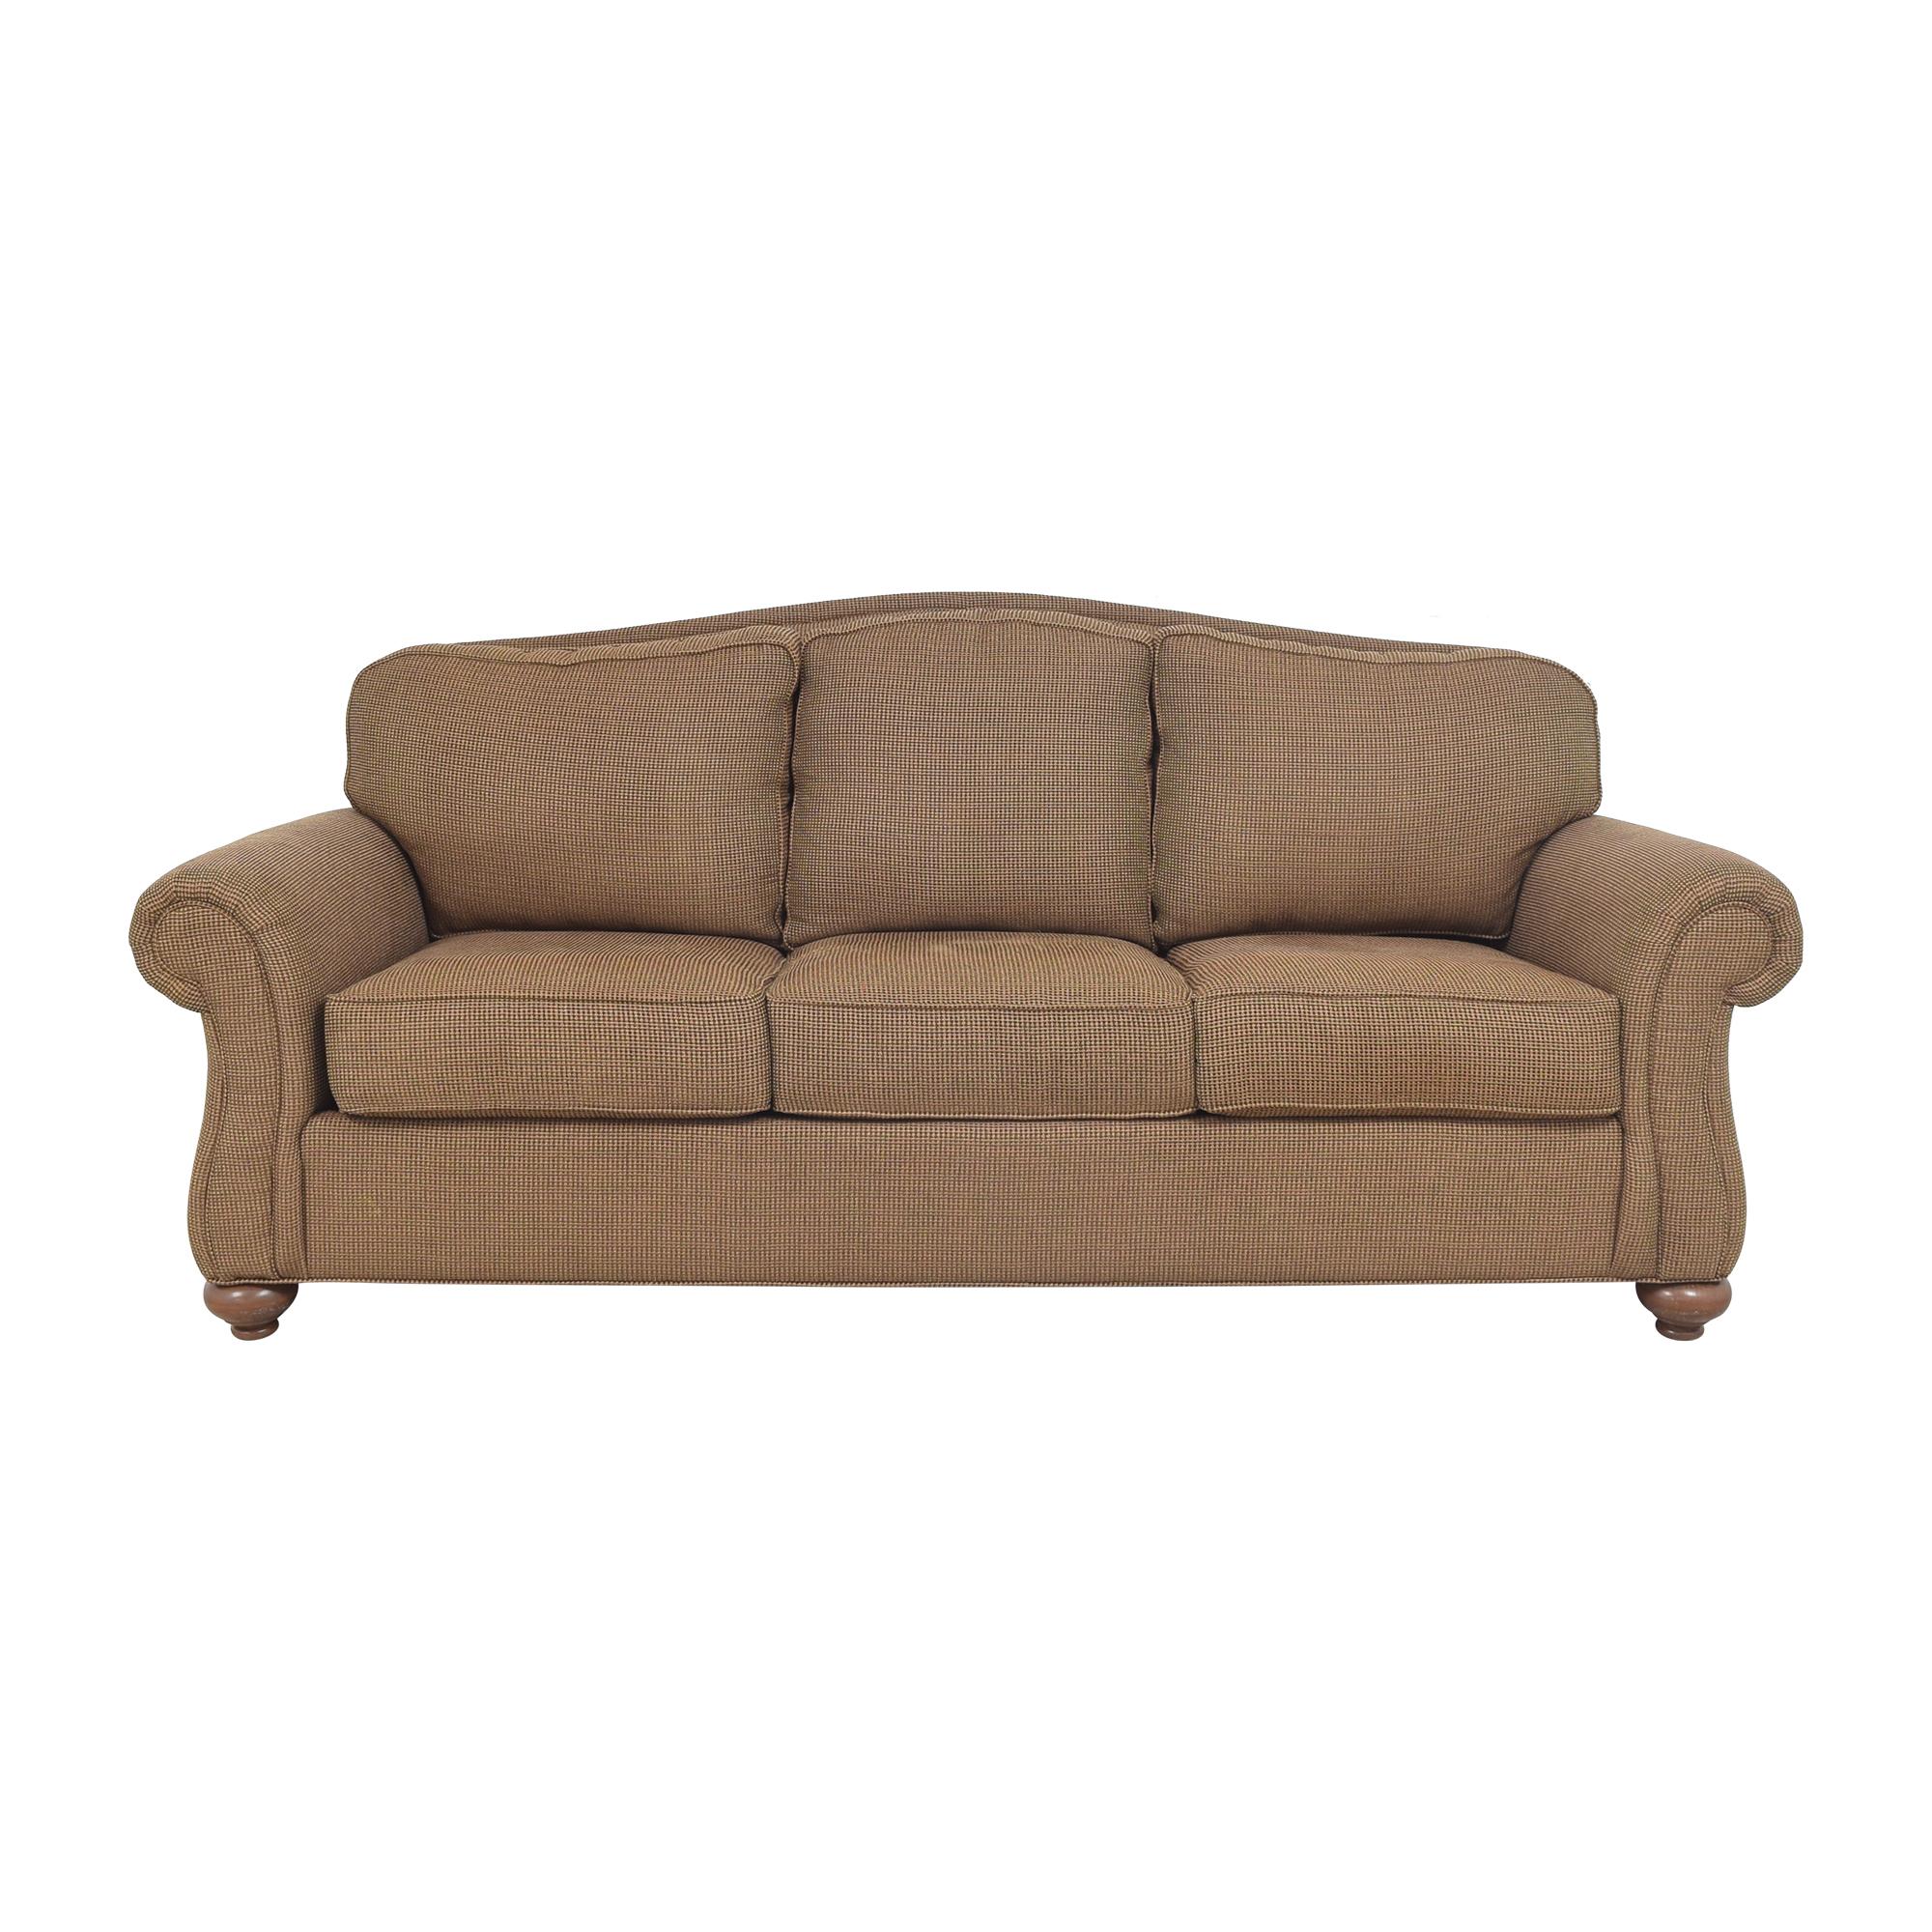 Ethan Allen Ethan Allen Roll Arm Sofa coupon